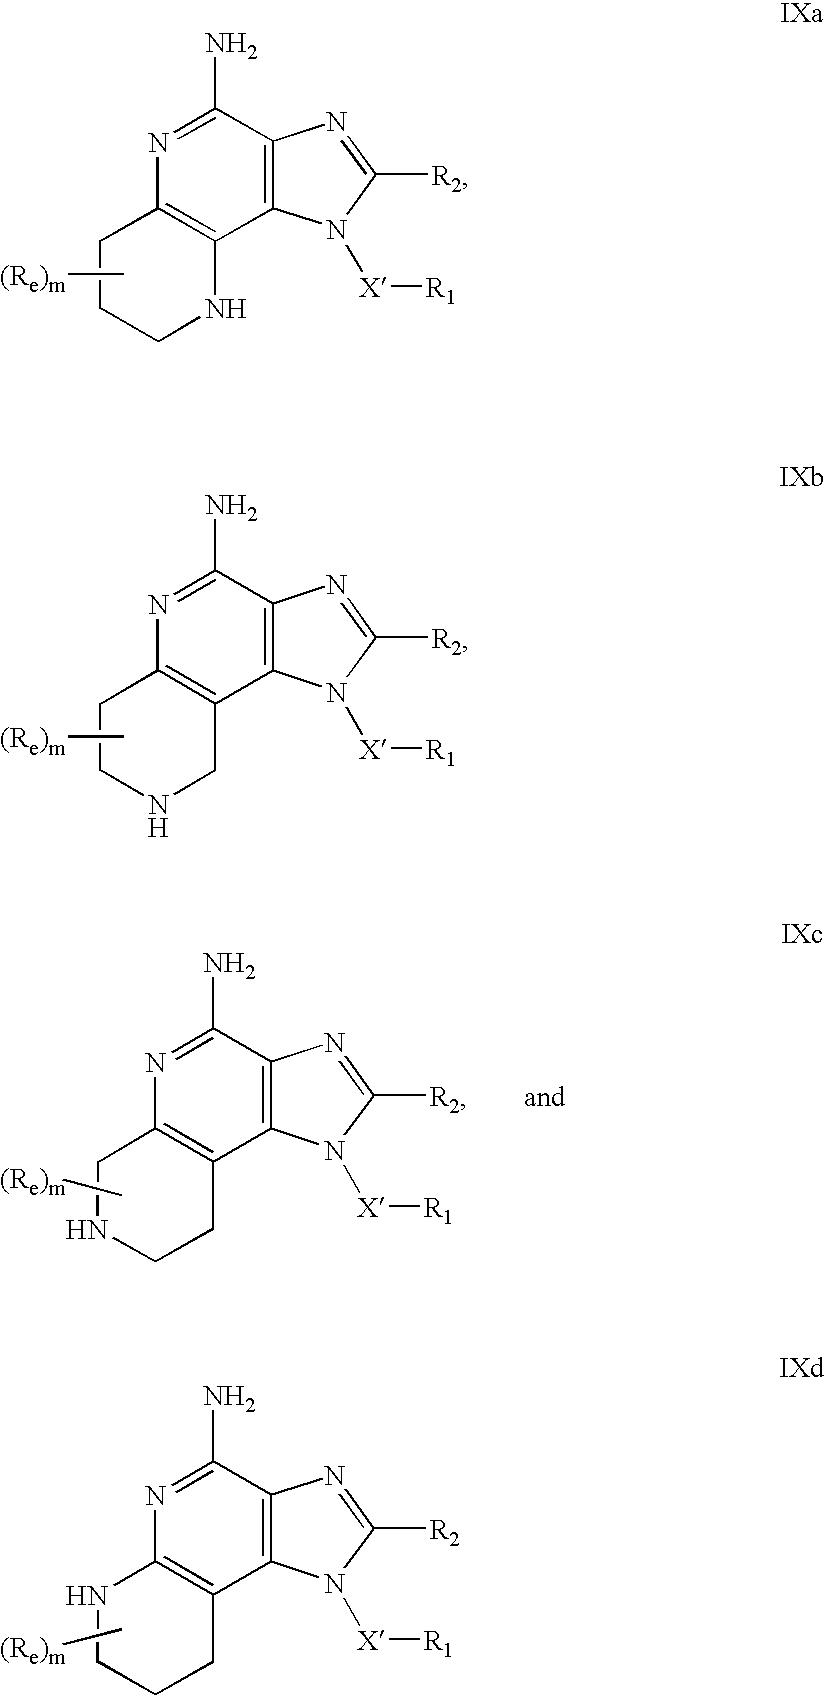 Figure US20070287725A1-20071213-C00026